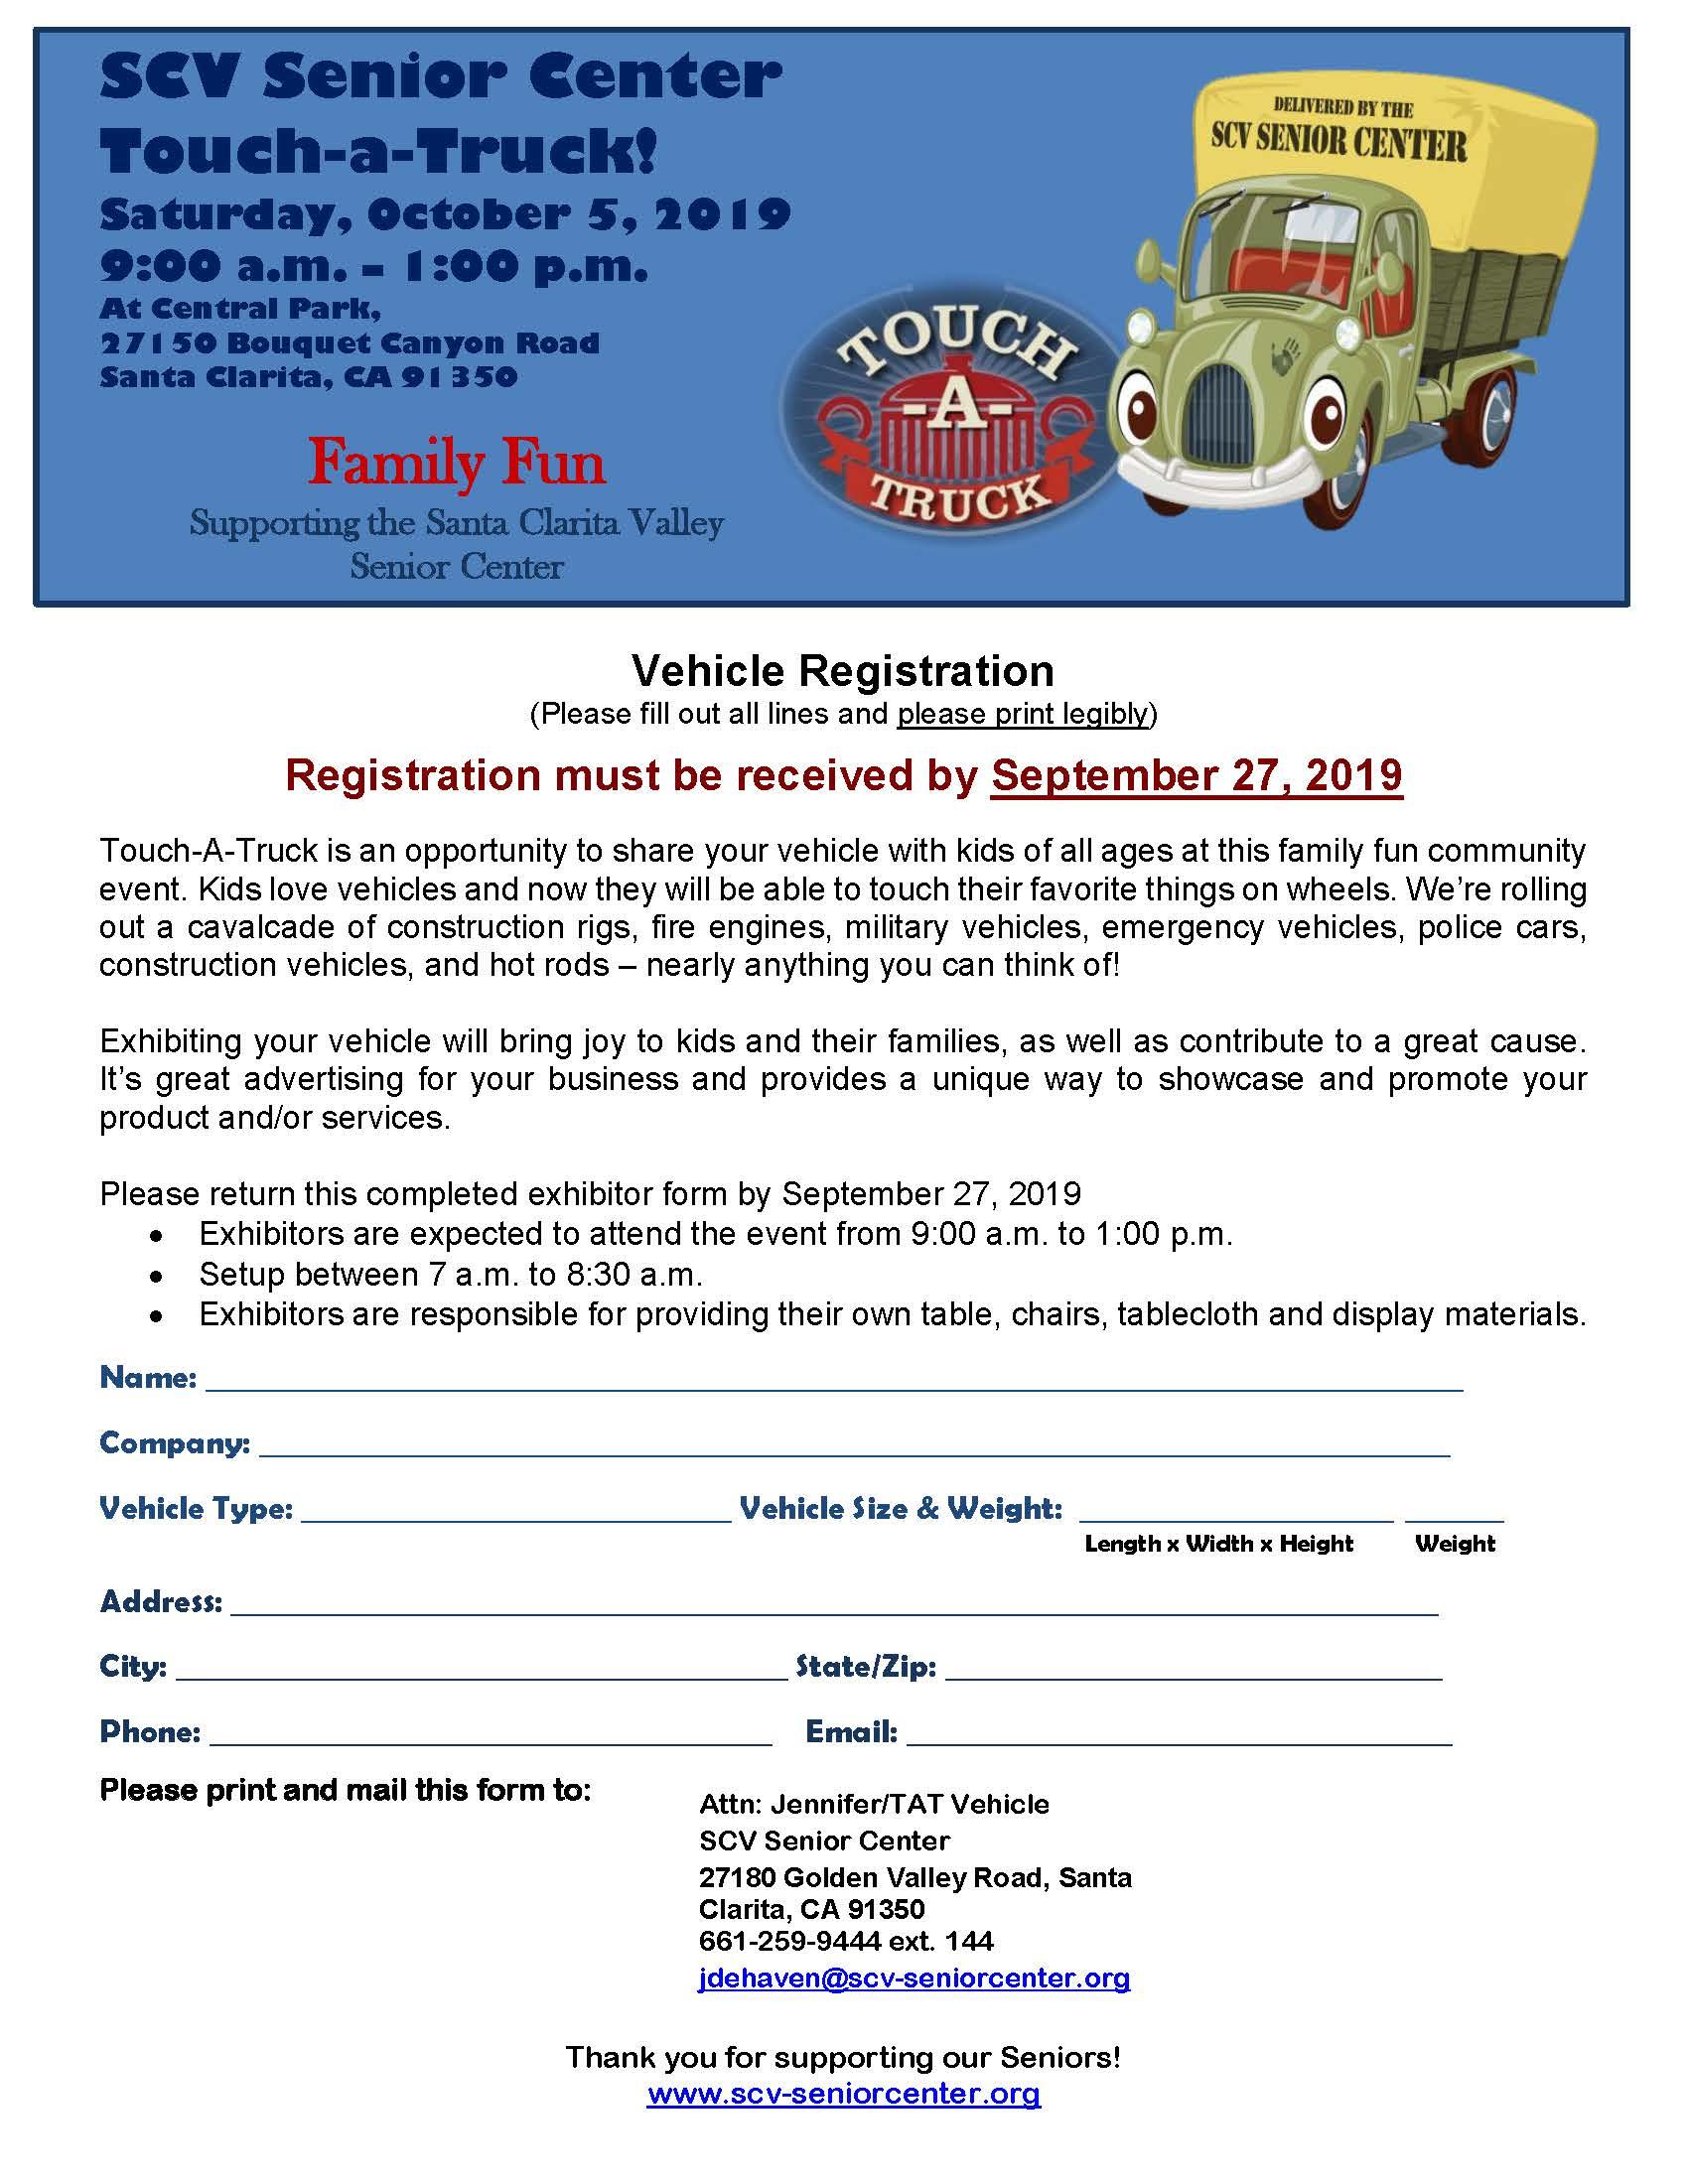 Vehicle Reg Form TAT 2019 - Fillable